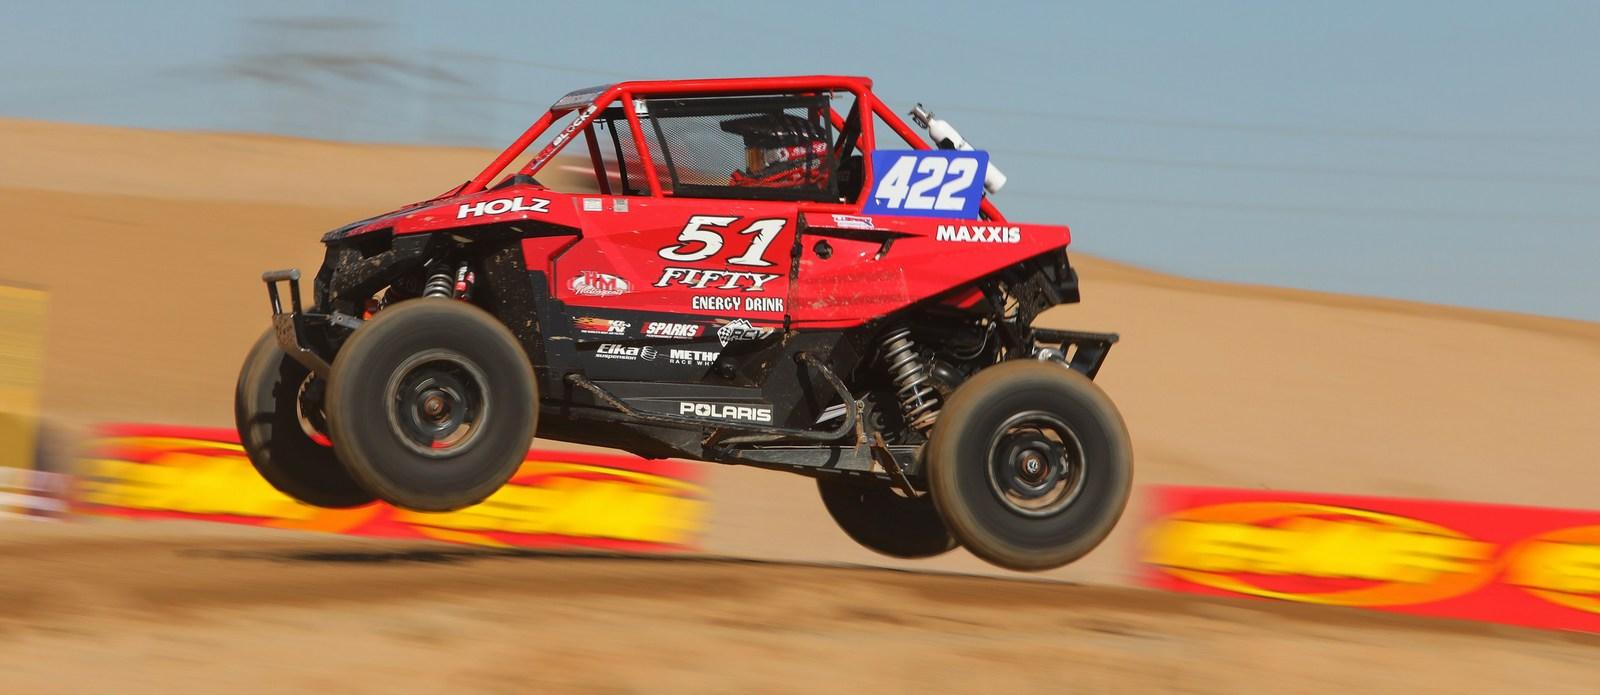 08-david-haagsma-sc-rs1-sxs-pro-worcs-racing